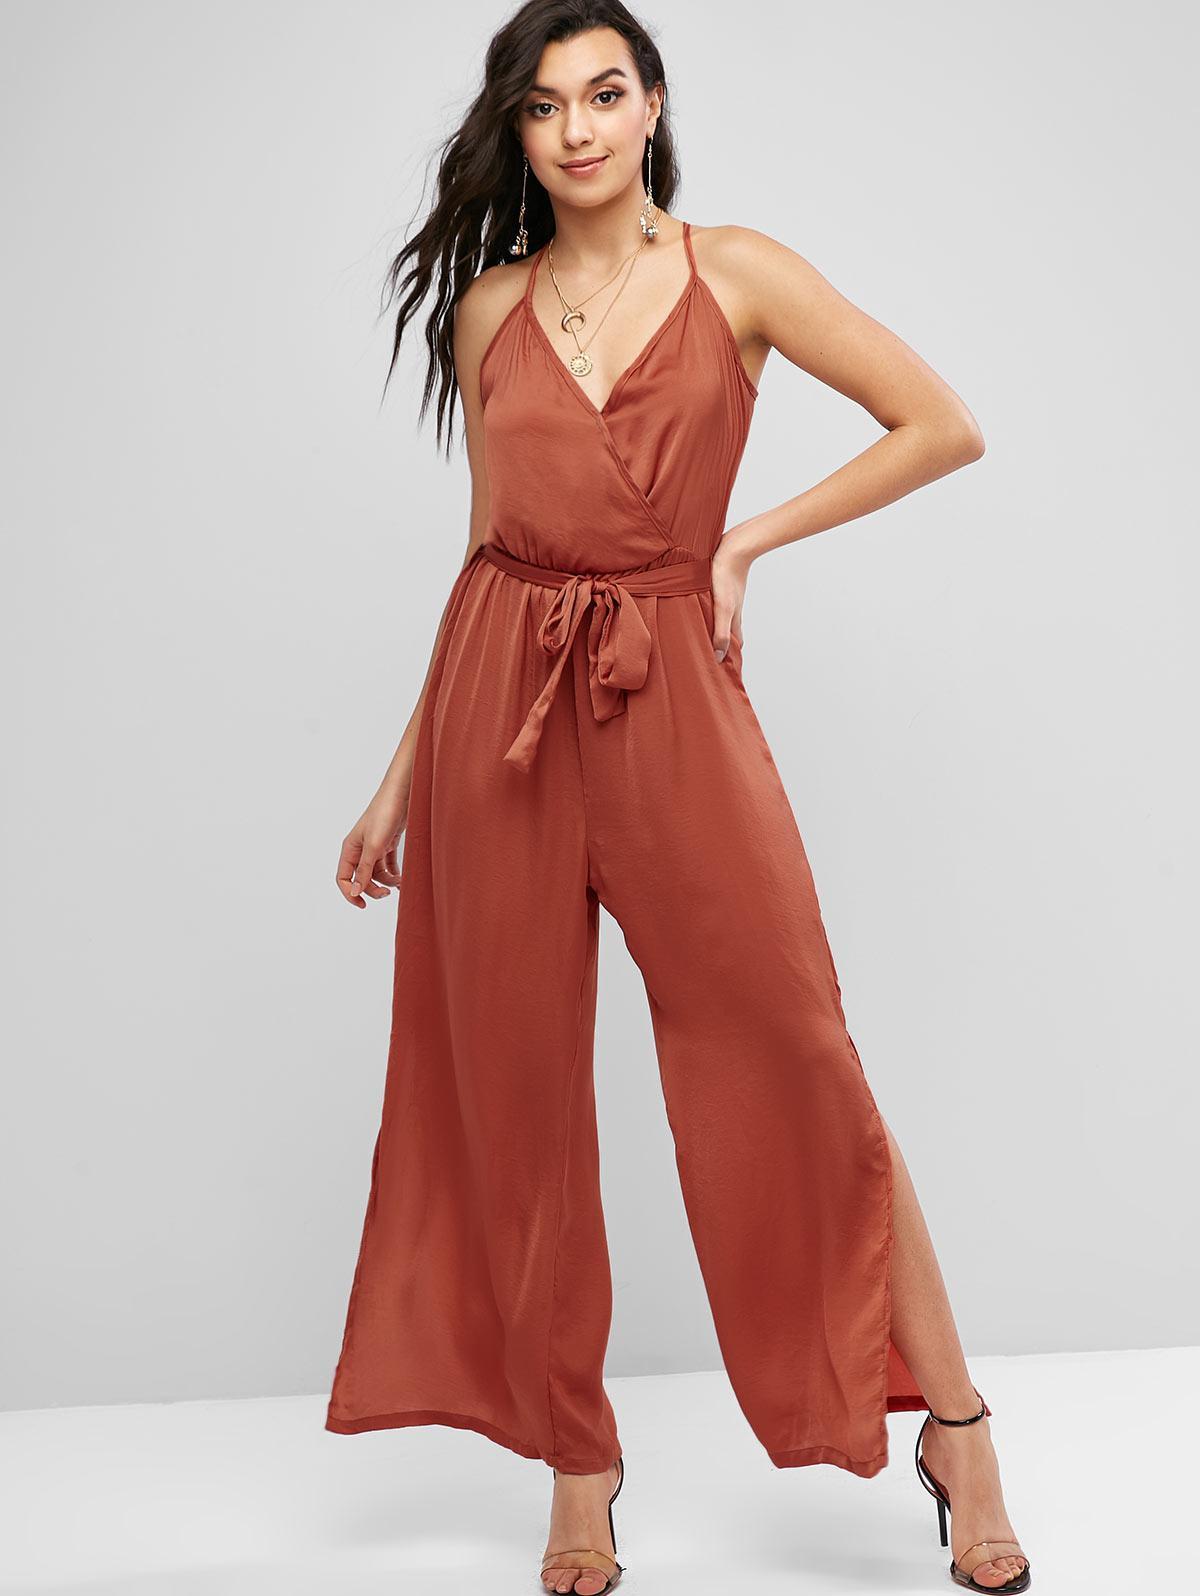 Cami High Slit Belted Wide Leg Jumpsuit